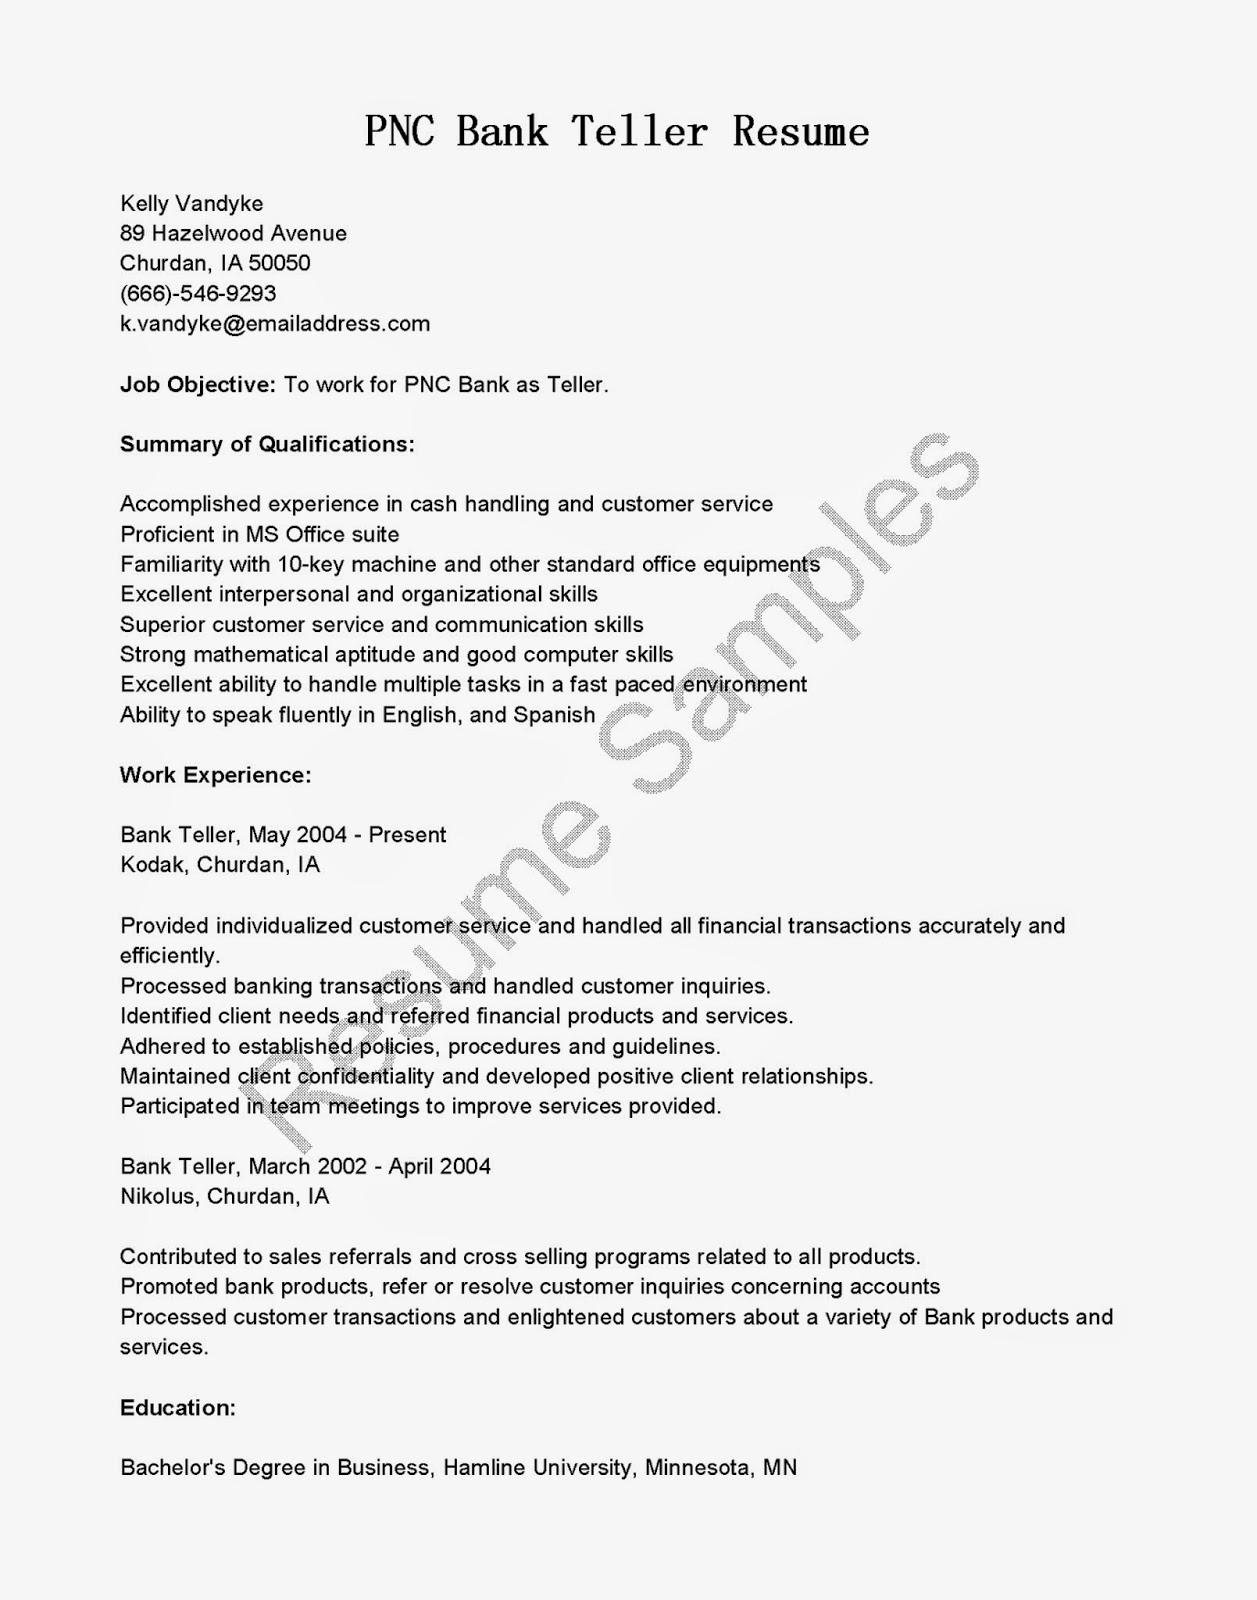 resume for teller job professional resume builder nyc cover letter database